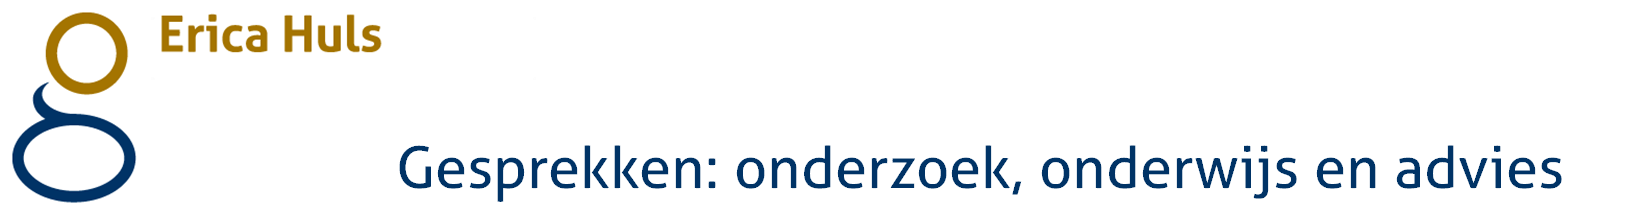 Gesprekken: onderzoek, onderwijs en advies logo